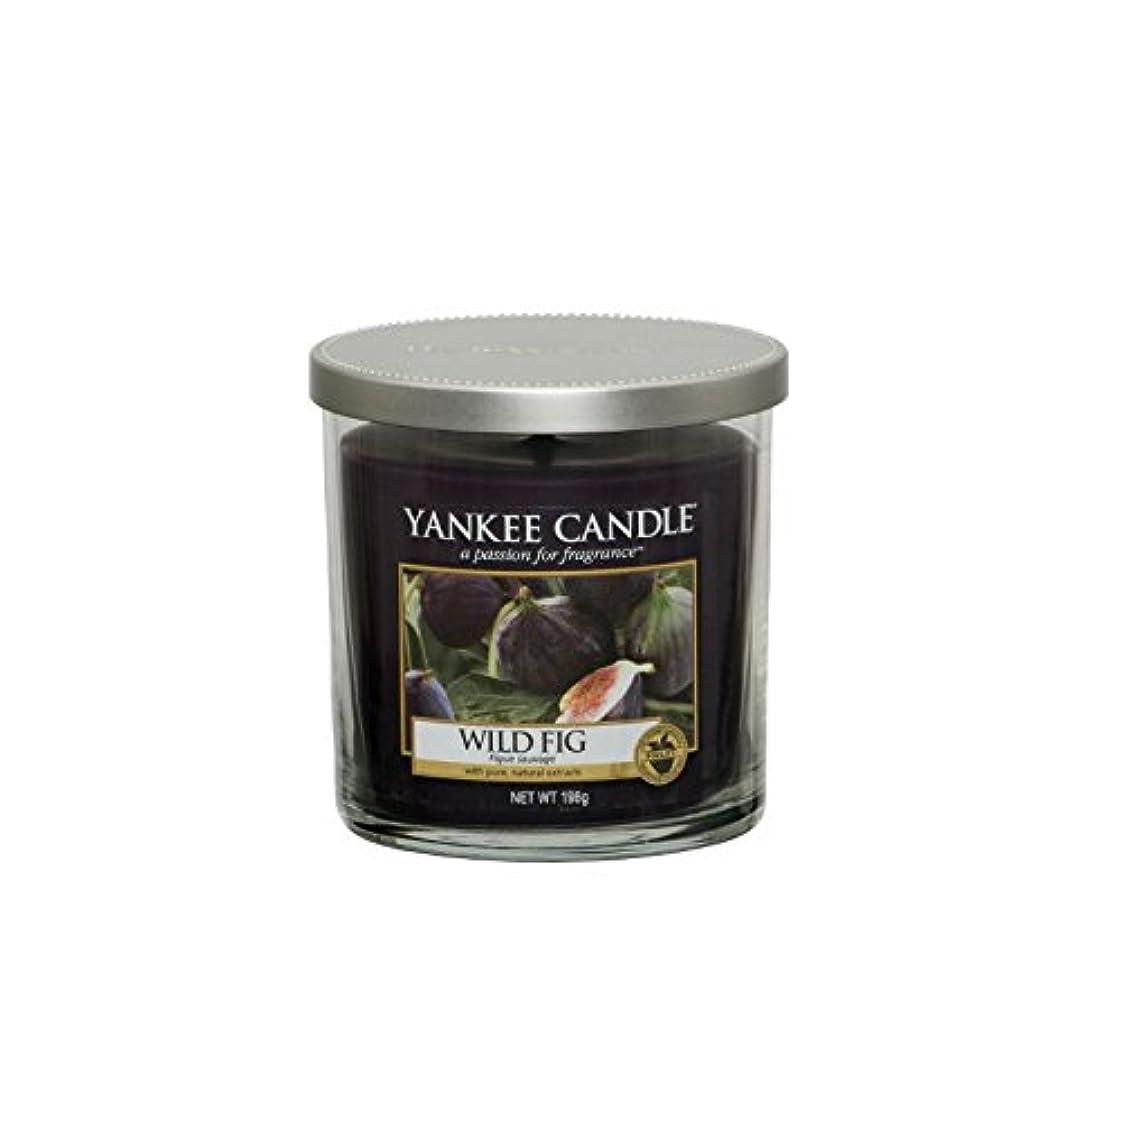 超えるロープスクラップブックYankee Candles Small Pillar Candle - Wild Fig (Pack of 2) - ヤンキーキャンドルの小さな柱キャンドル - 野生のイチジク (x2) [並行輸入品]